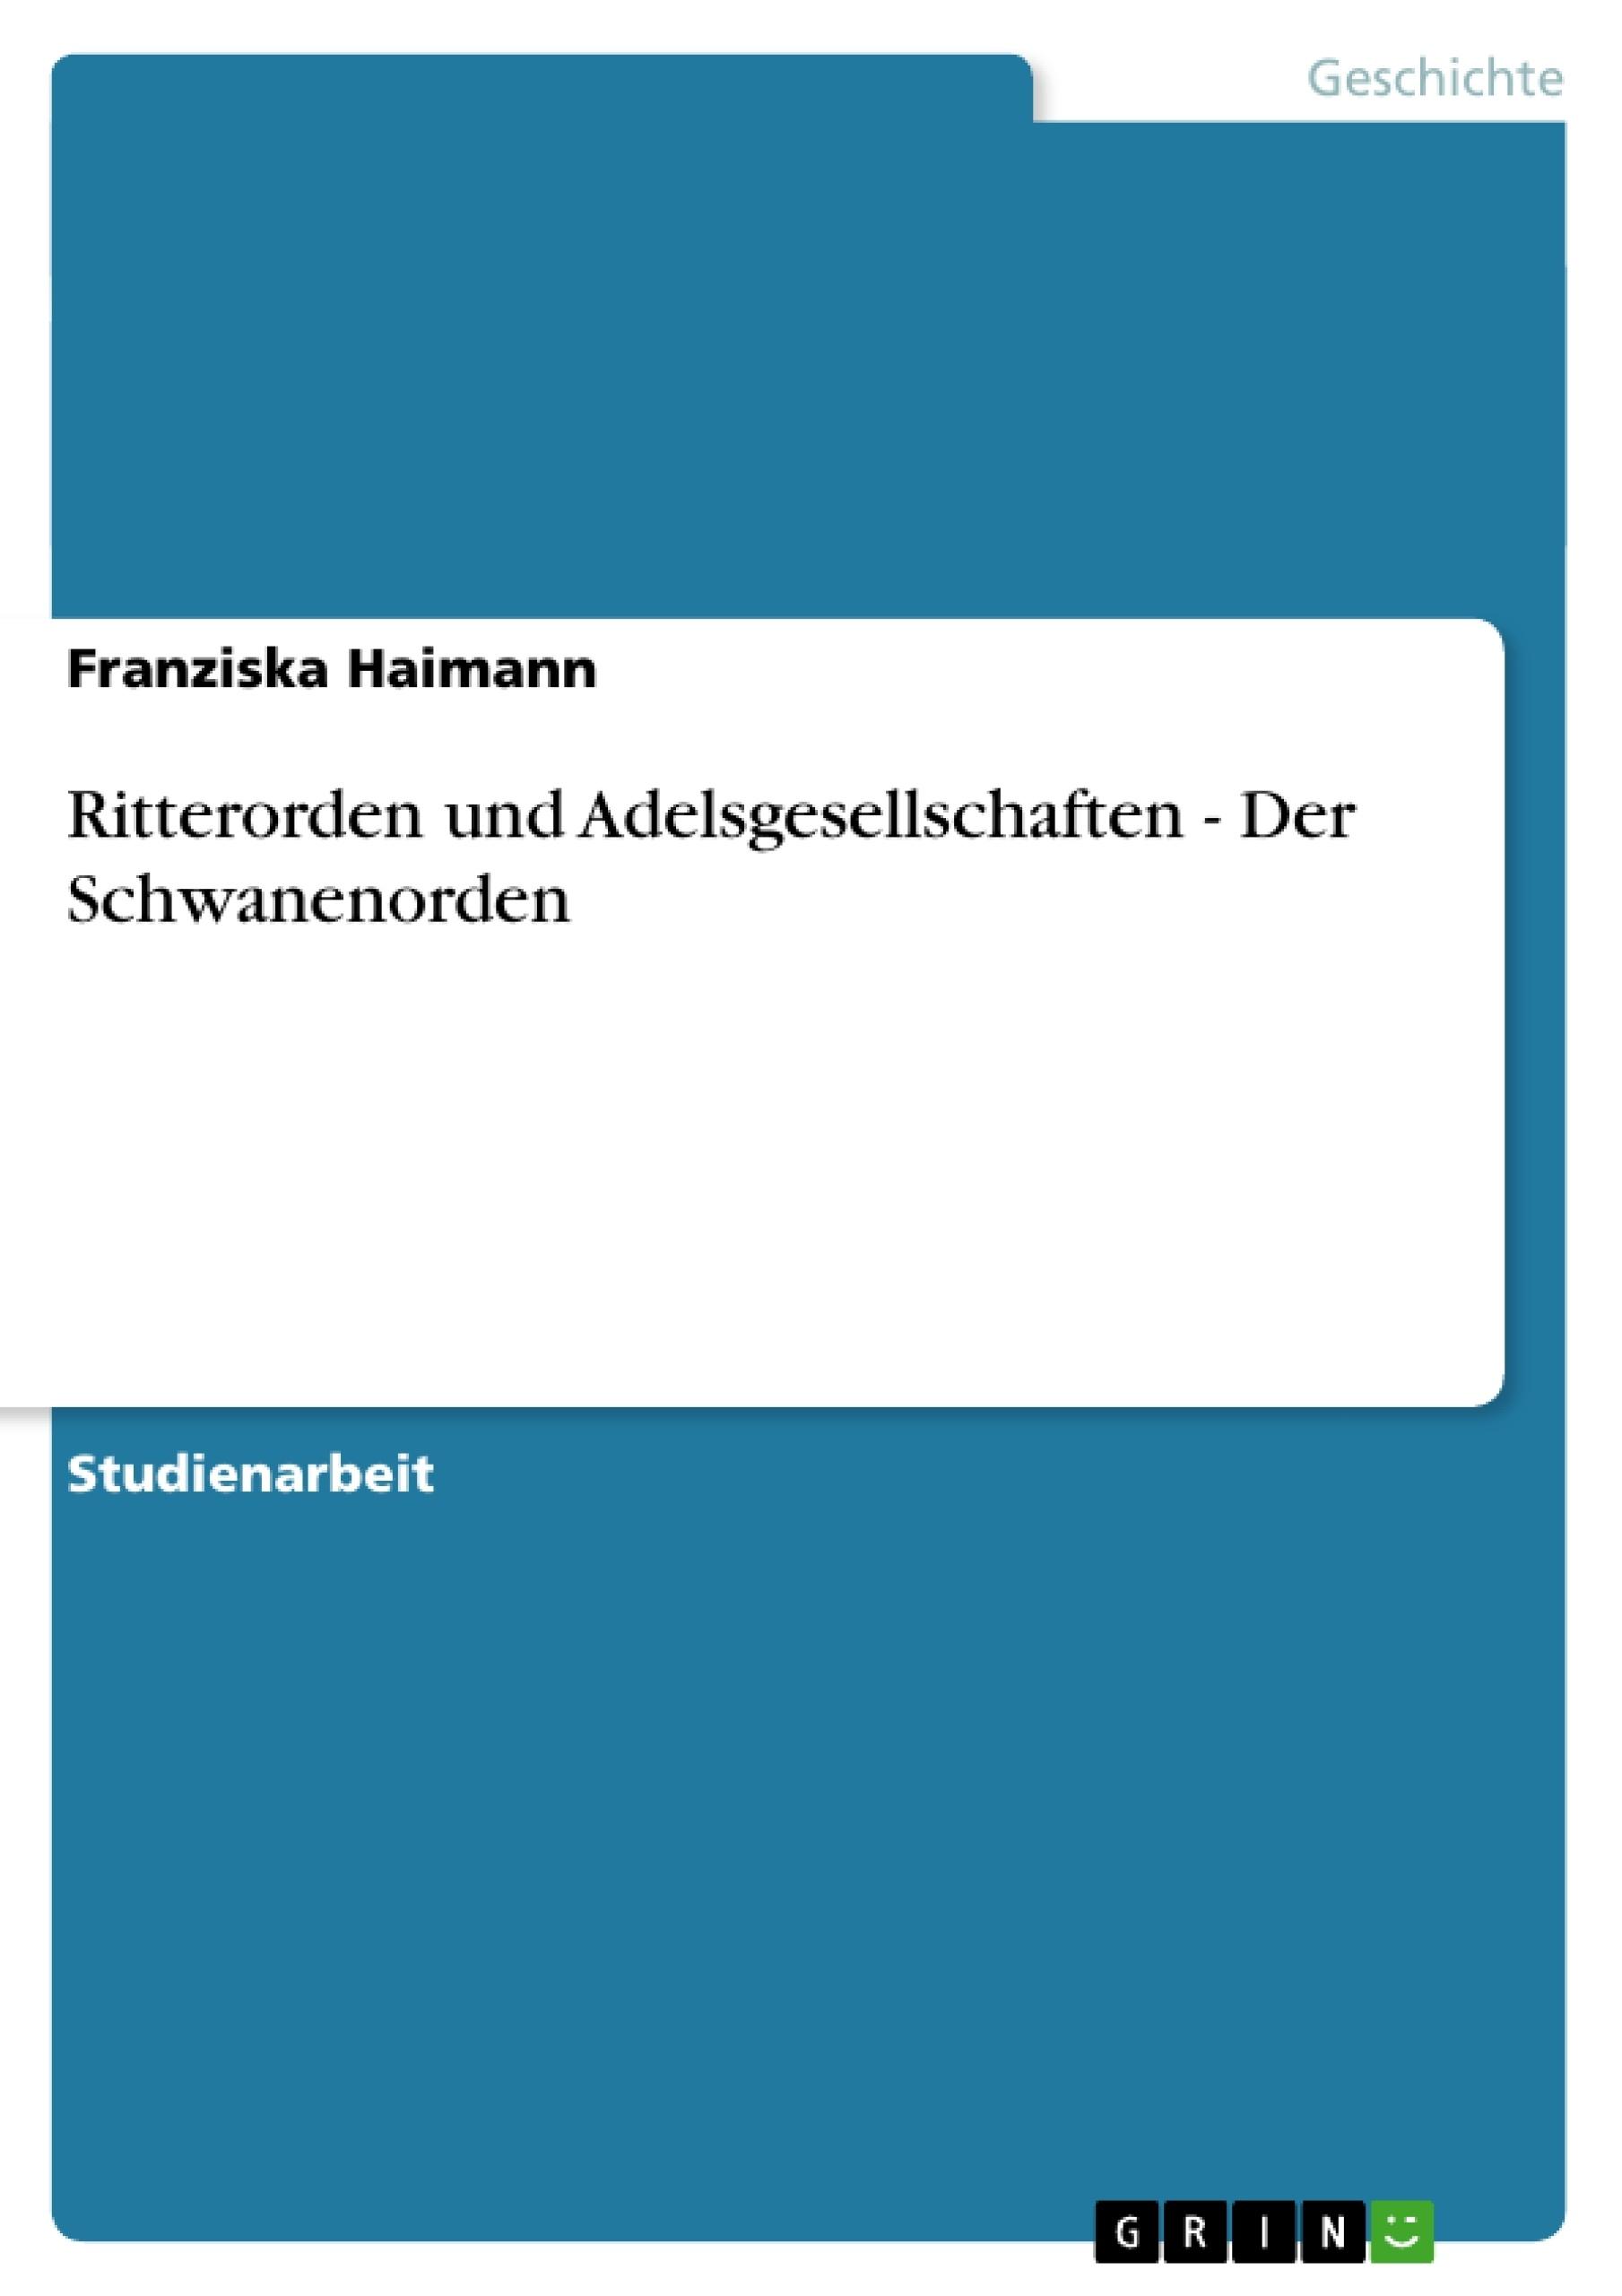 Titel: Ritterorden und Adelsgesellschaften - Der Schwanenorden